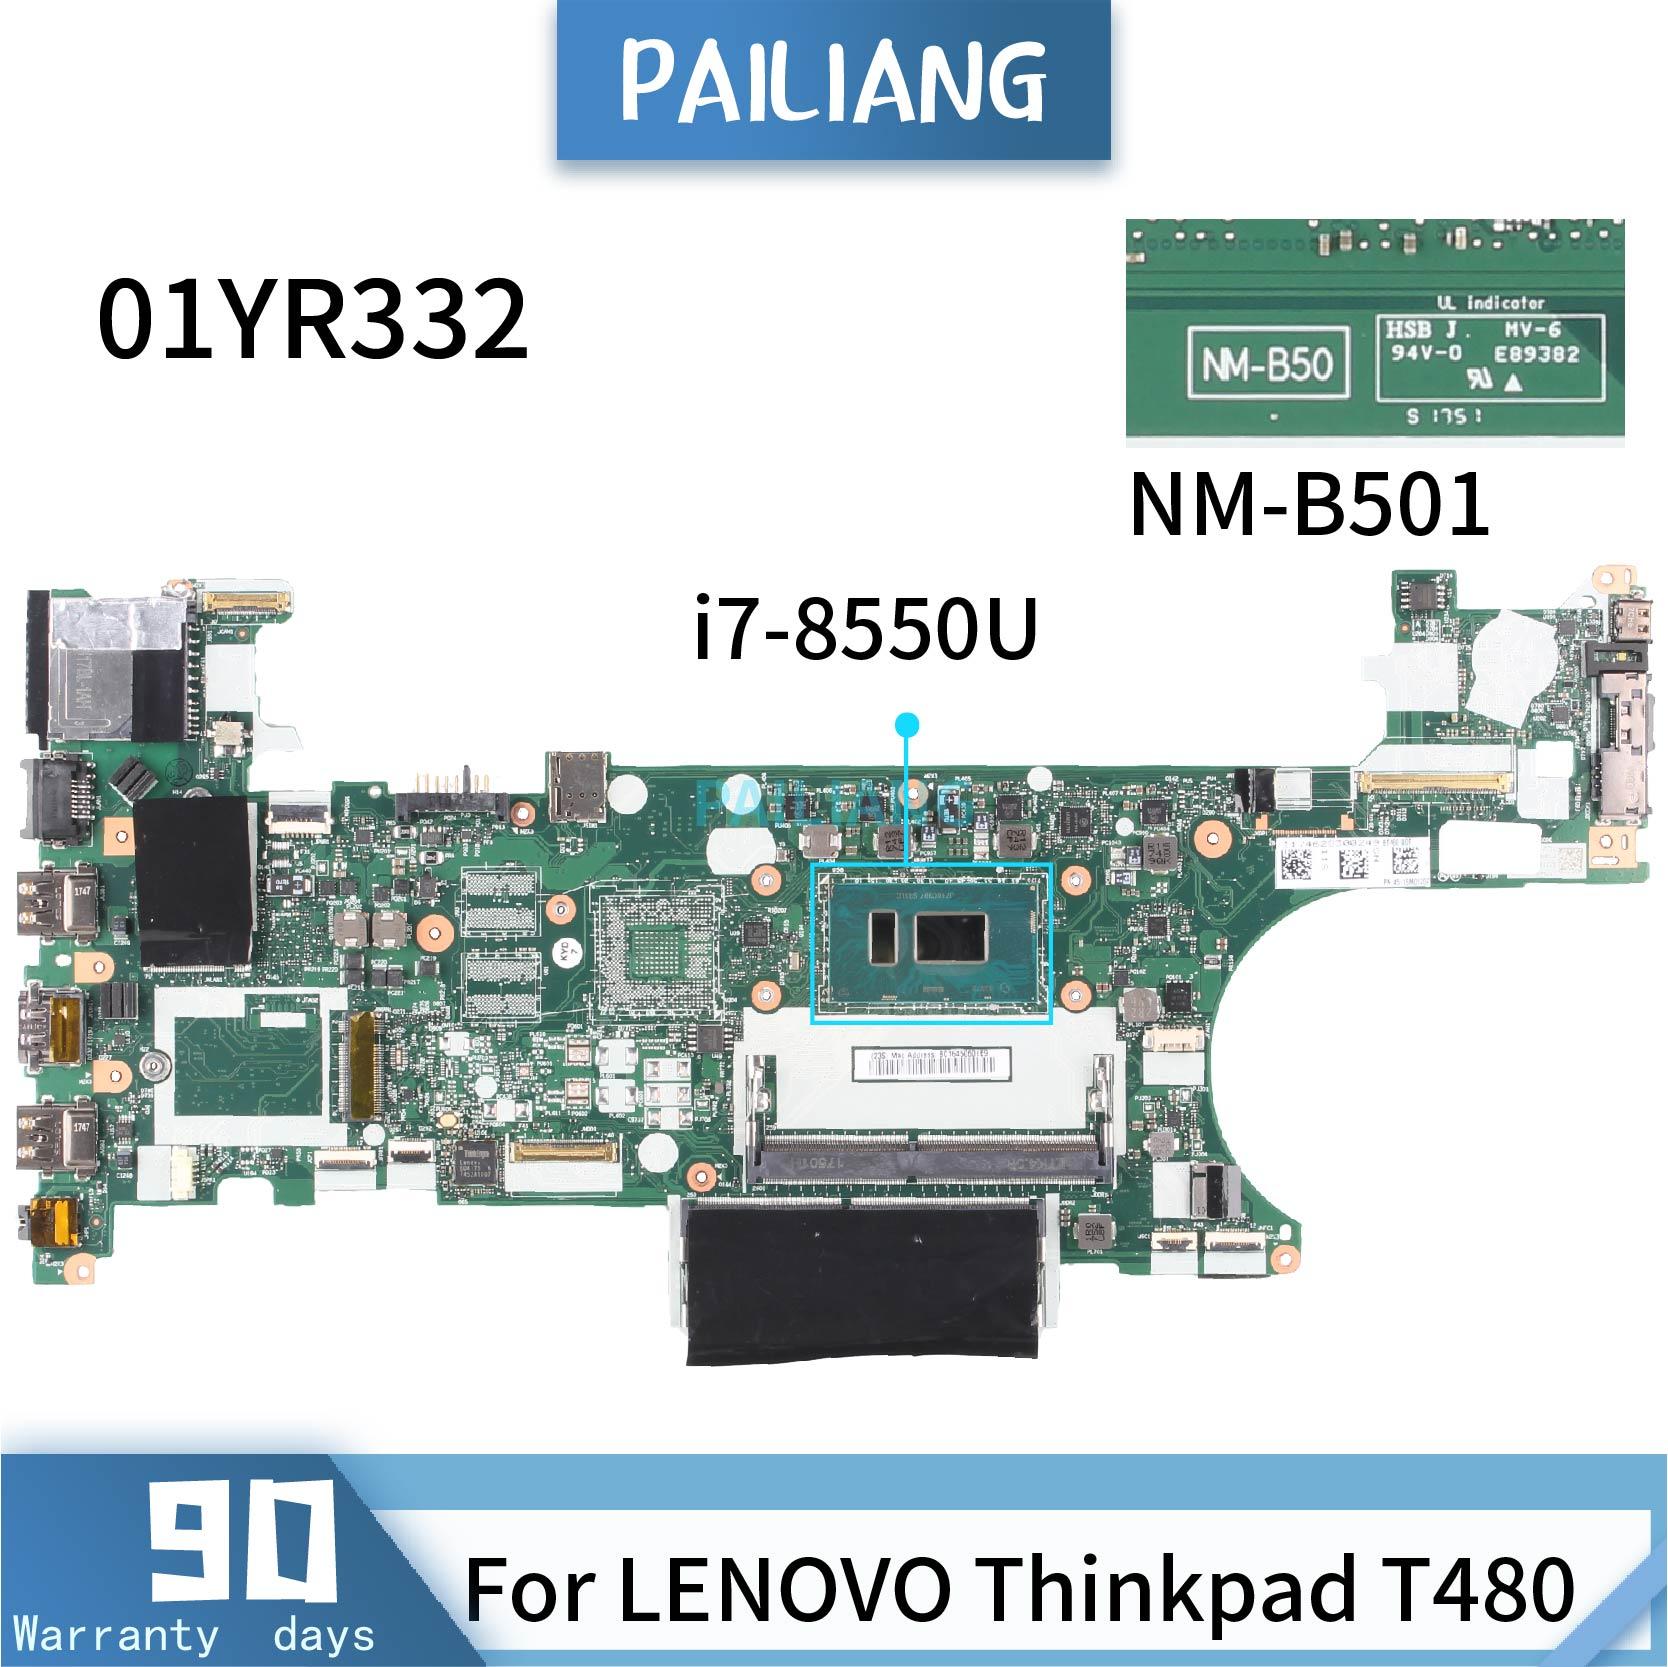 PAILIANG اللوحة الأم للكمبيوتر المحمول لينوفو ثينك باد T480 NM-B501 01YR332 اللوحة الرئيسية الأساسية SR3LC i7-8550U اختبار DDR3